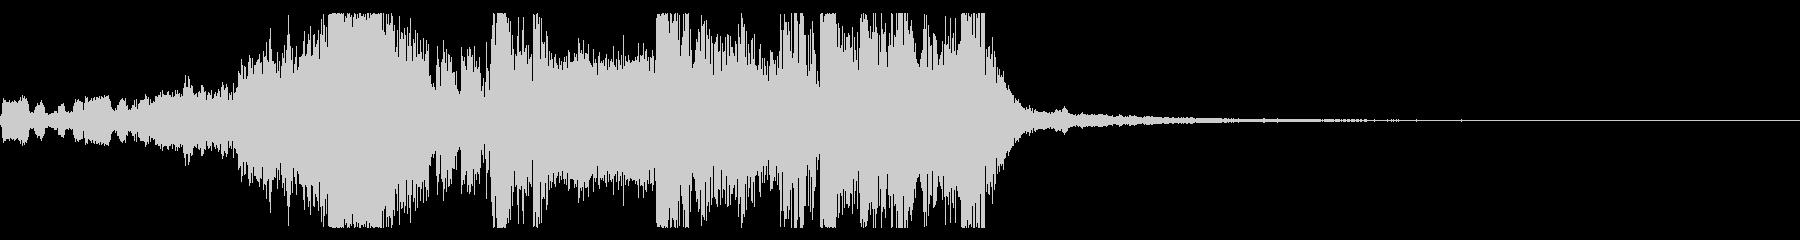 YouTube ダブステップジングル01の未再生の波形